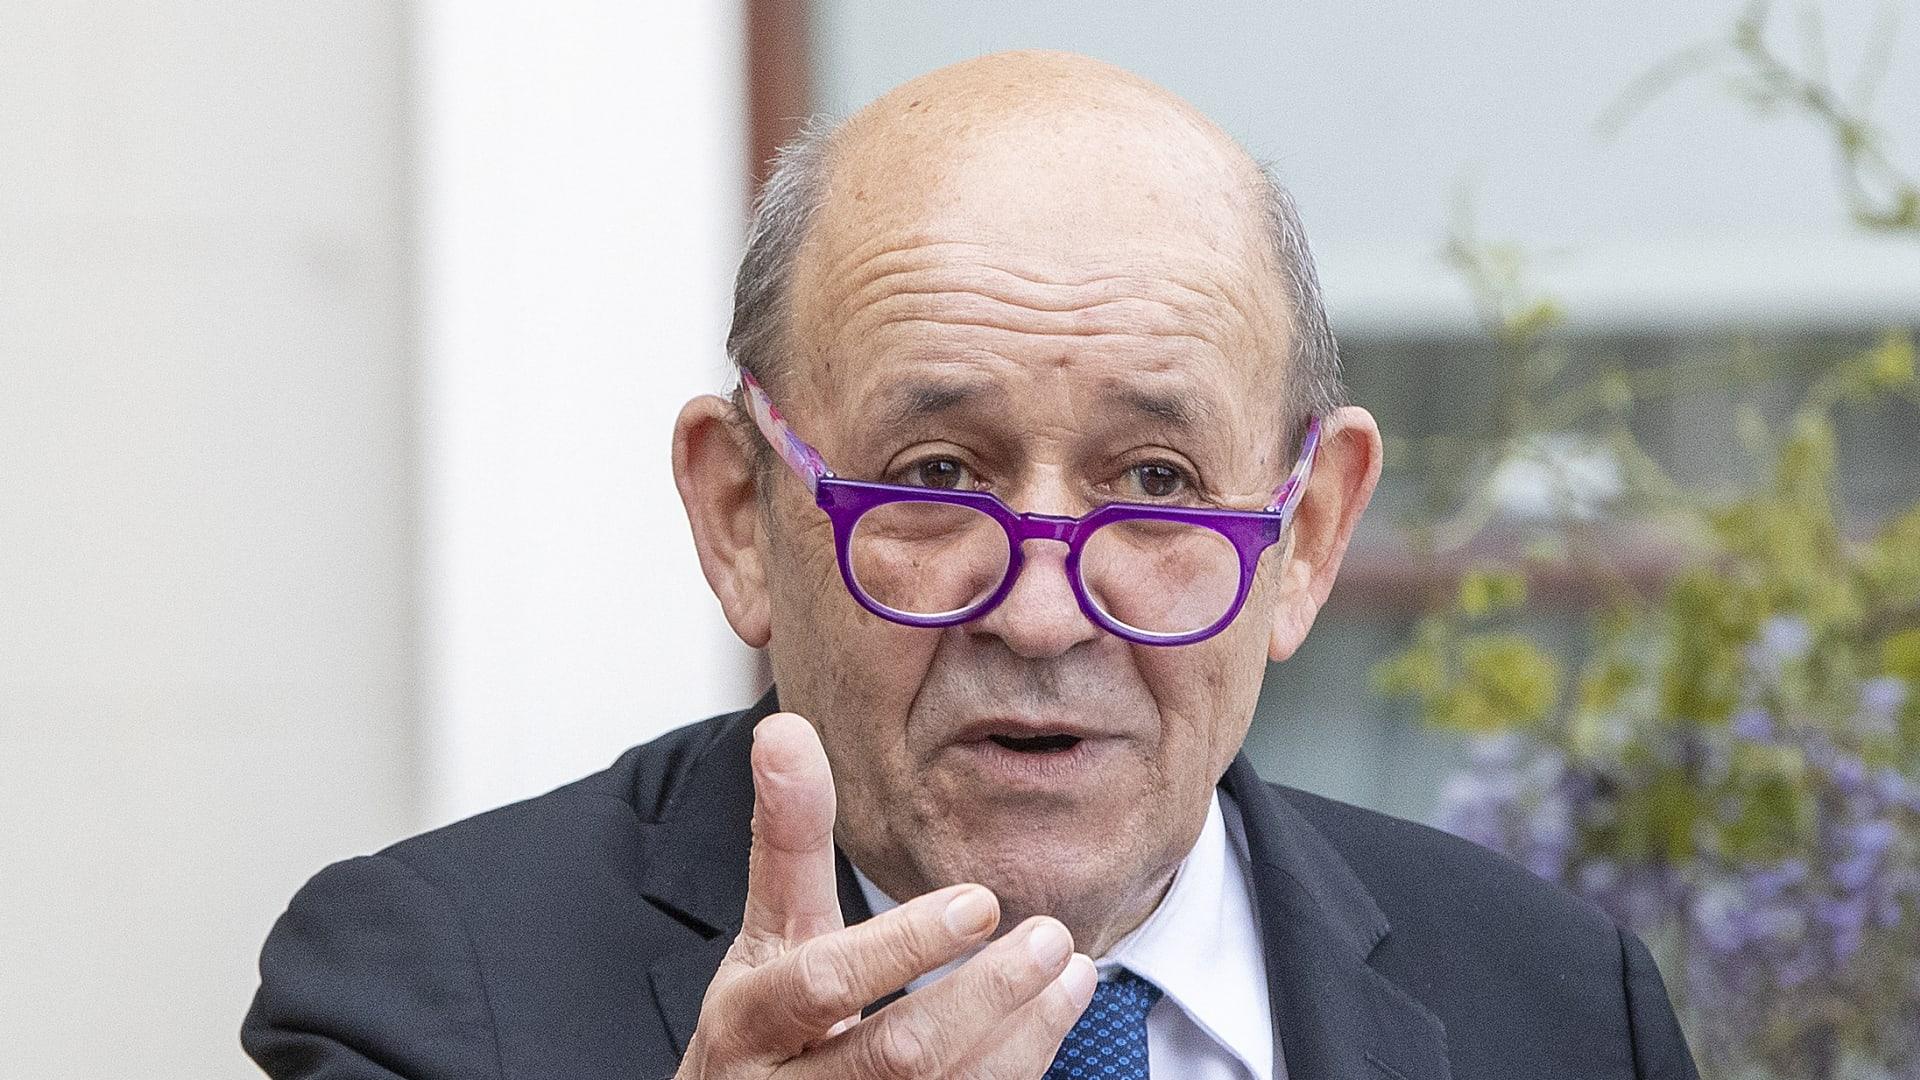 """صفقة الغواصات النووية: وزير خارجية فرنسا يهاجم أمريكا وأستراليا وبريطانيا ويتهمتهم بـ""""الكذب والانتهازية"""" thumbnail"""